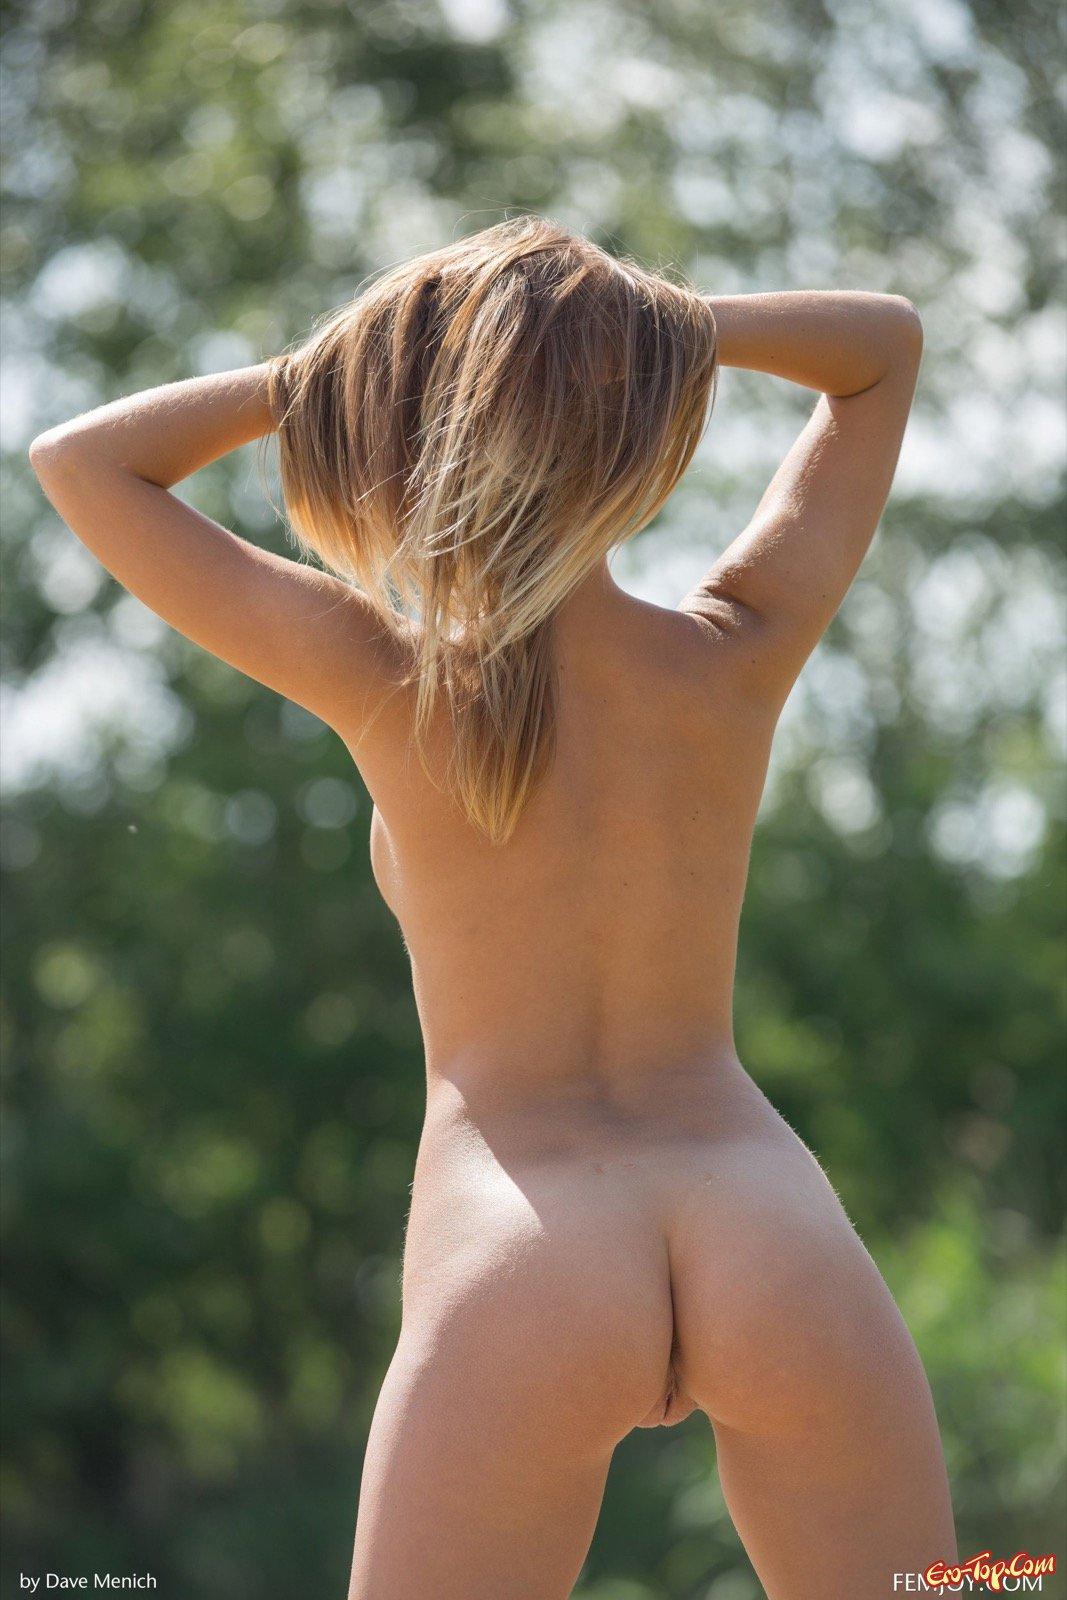 Оголившись чистенькая жена встала раком на берегу моря секс фото